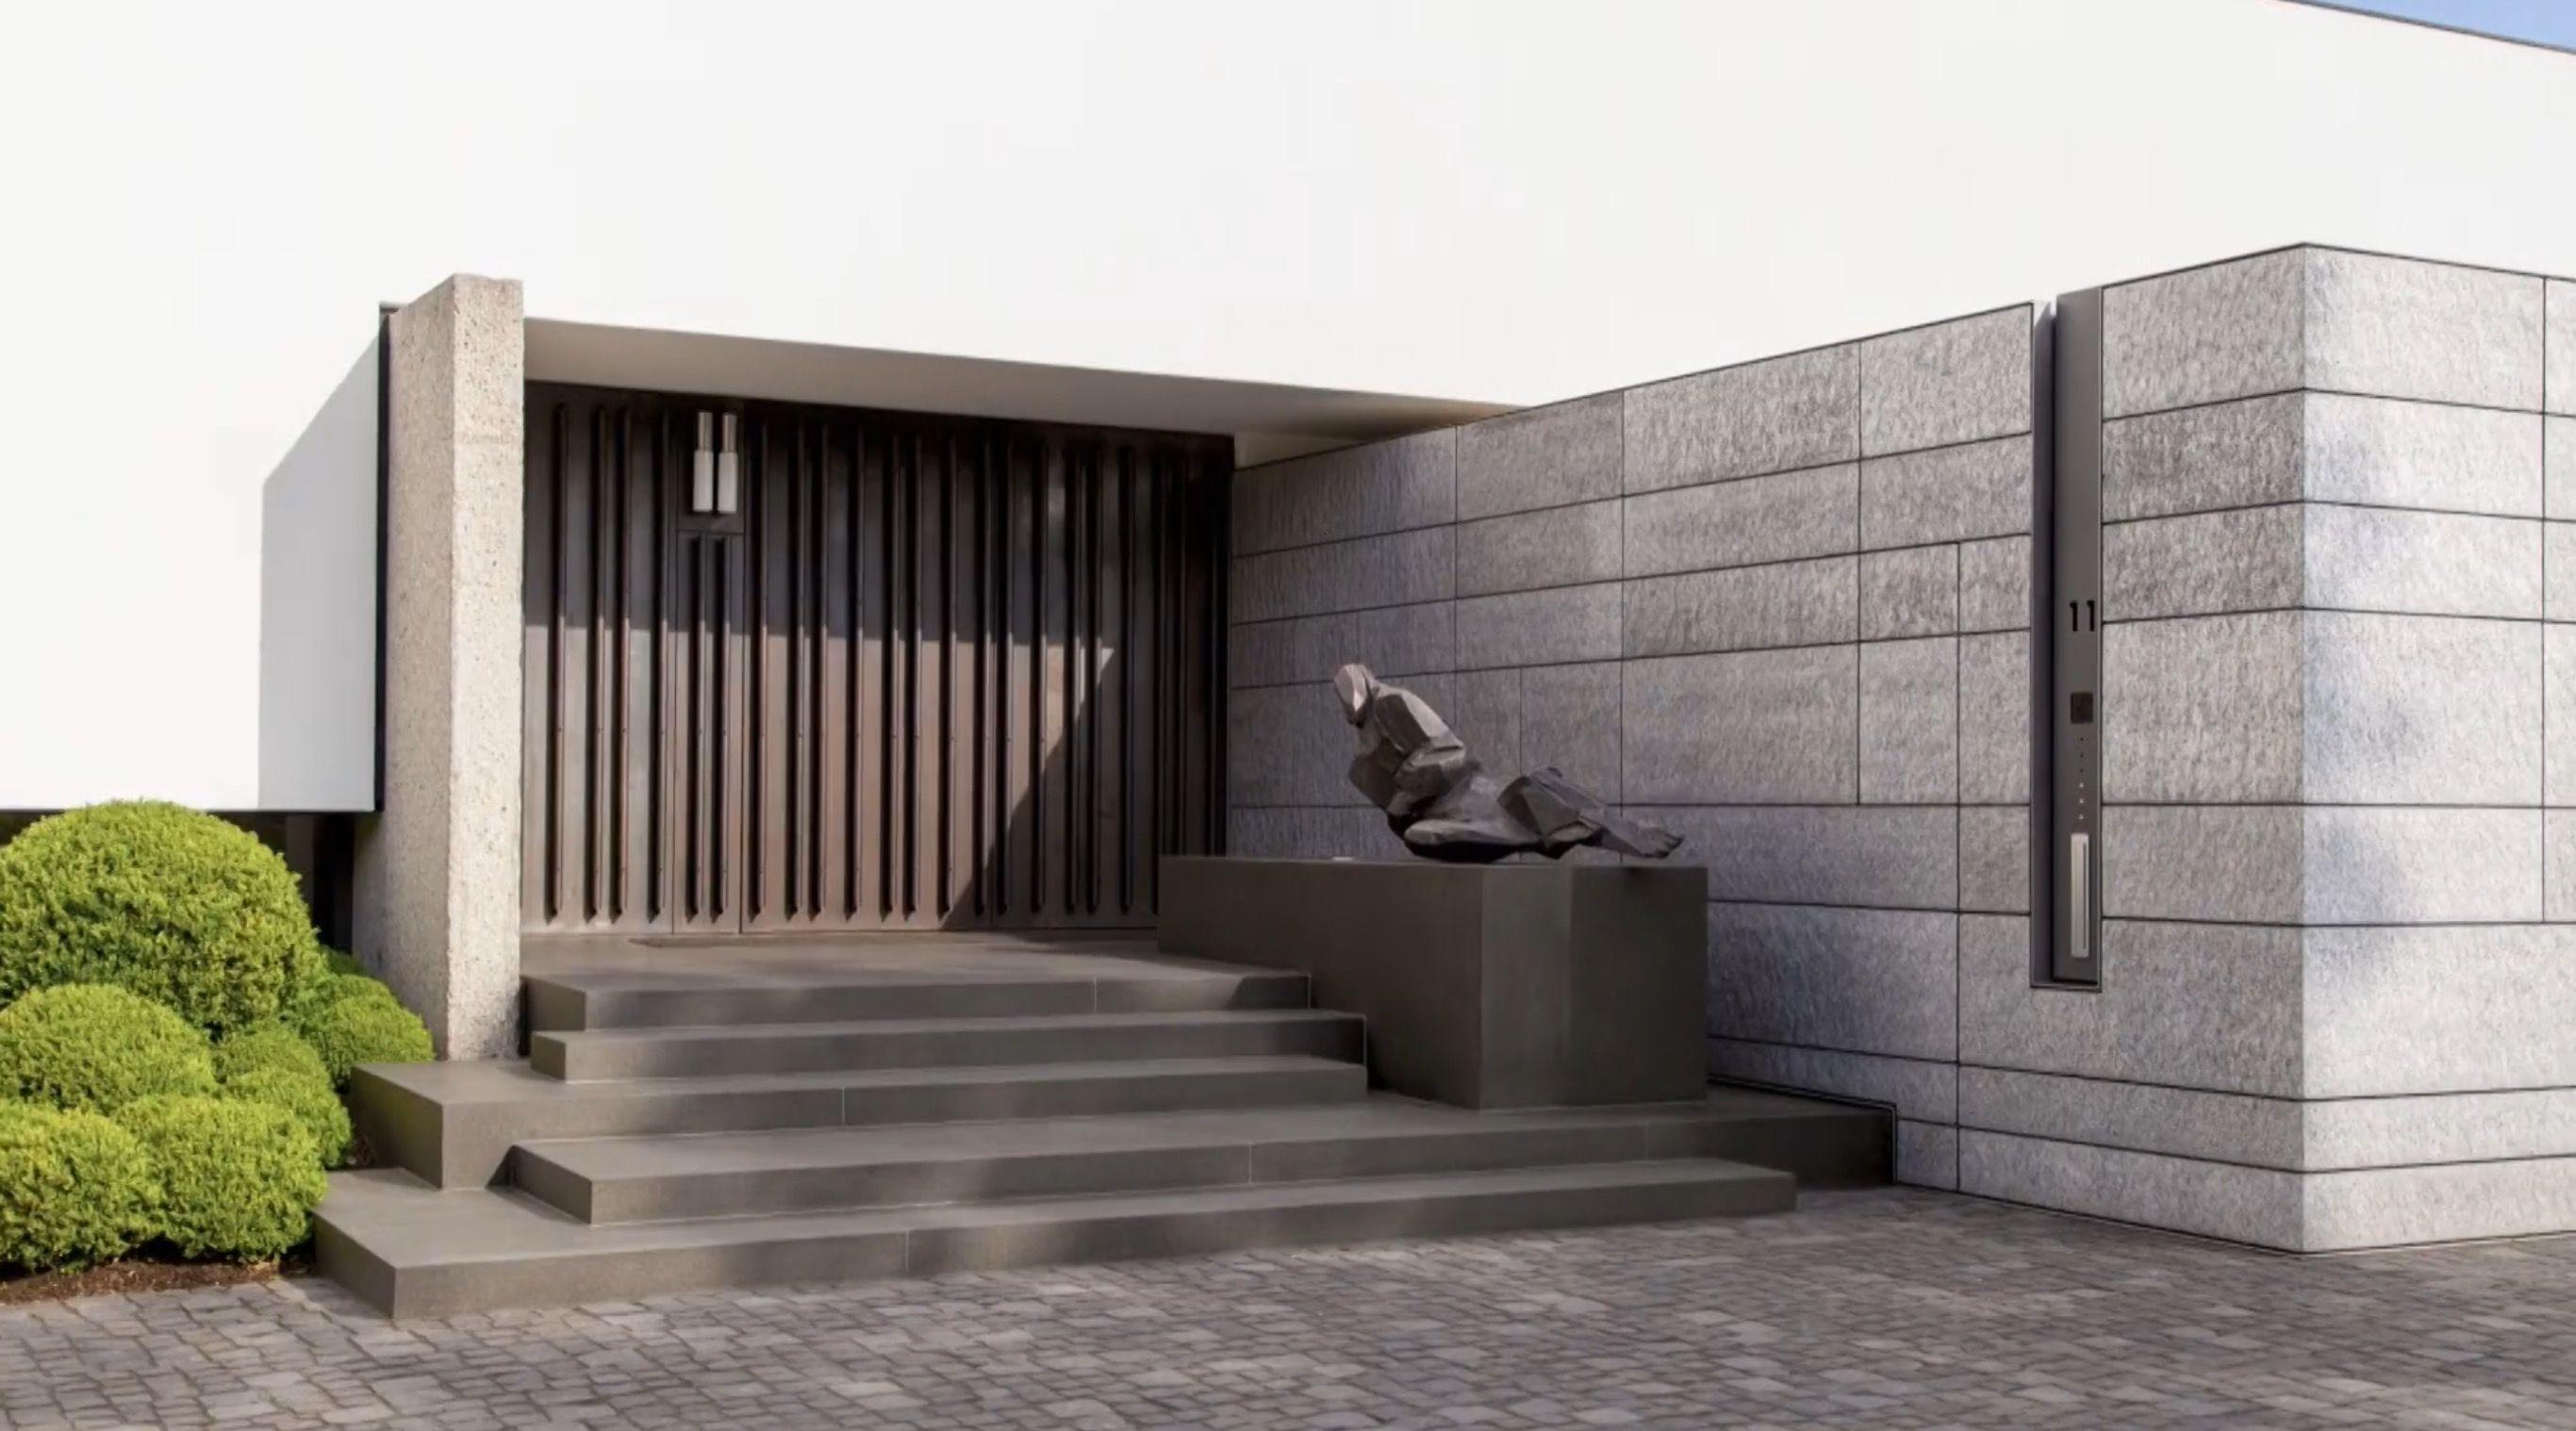 2 geschichte haus front design alexander brenner architects  bredeney house  photos by zooey